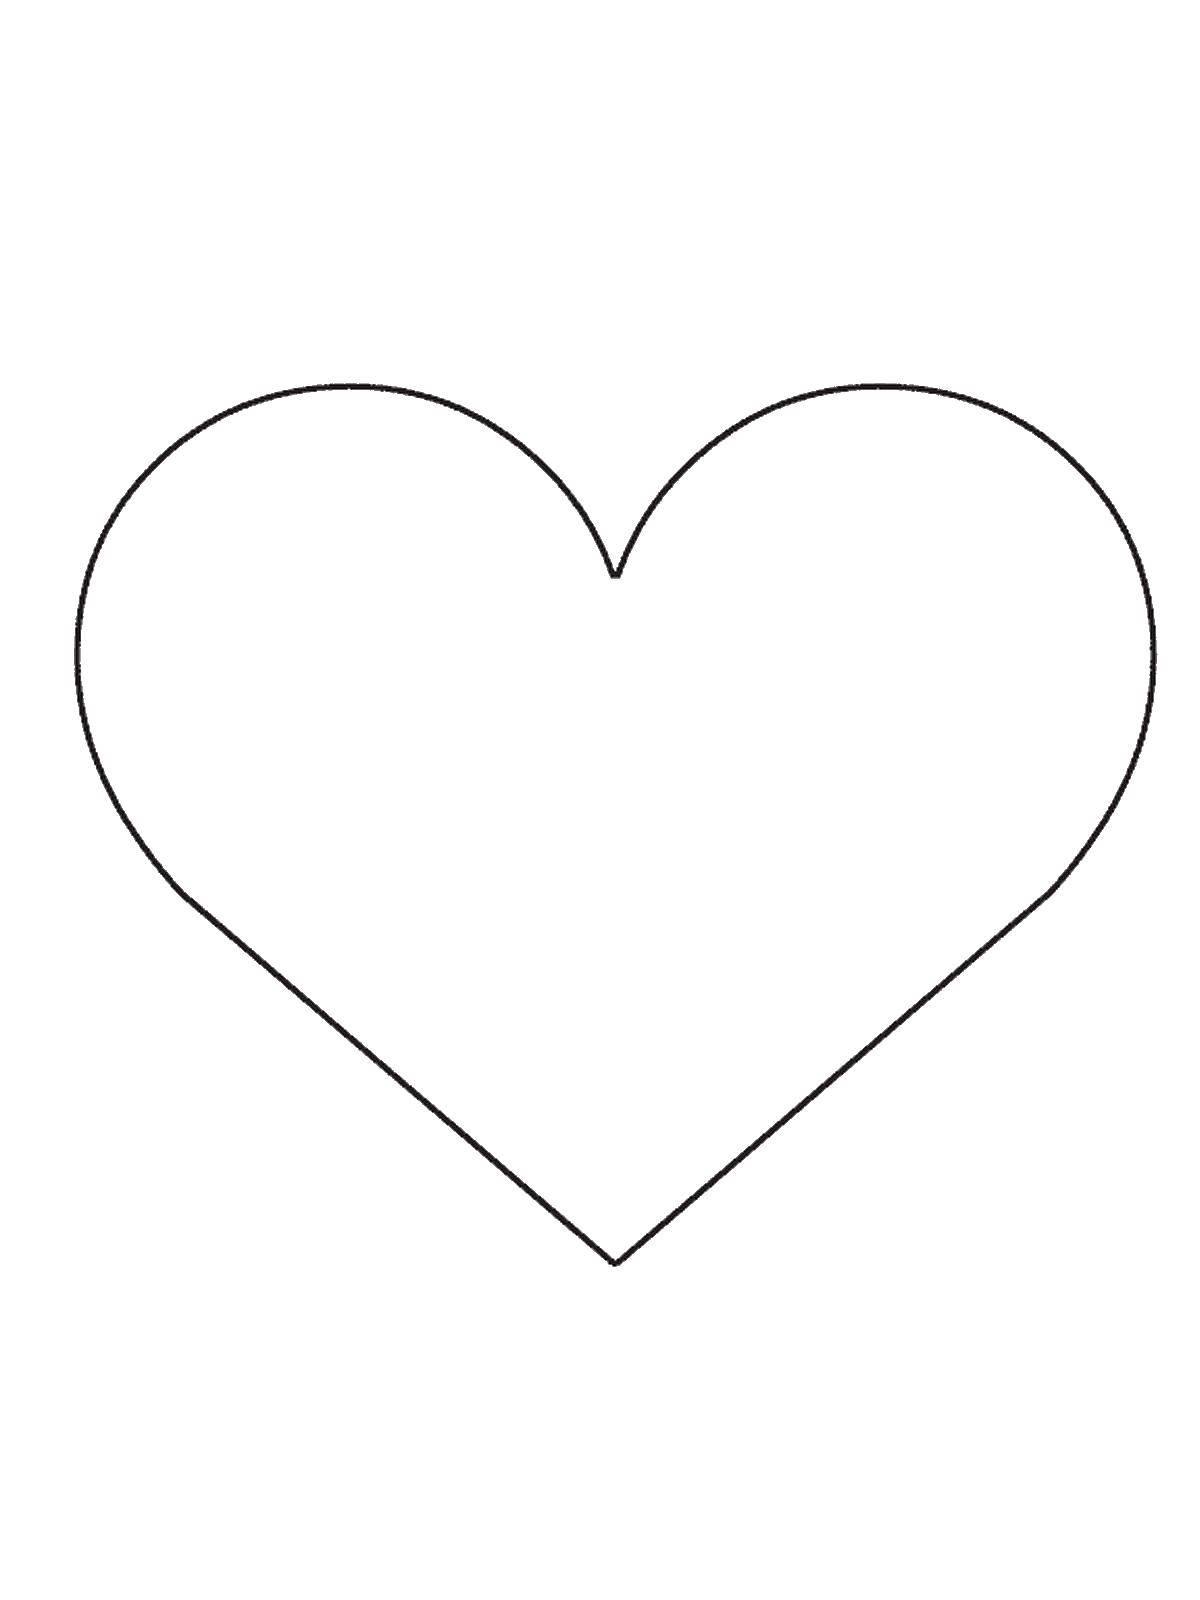 Раскраски Контуры сердце Раскраски Контуры сердце, сердечки, сердца для малышей